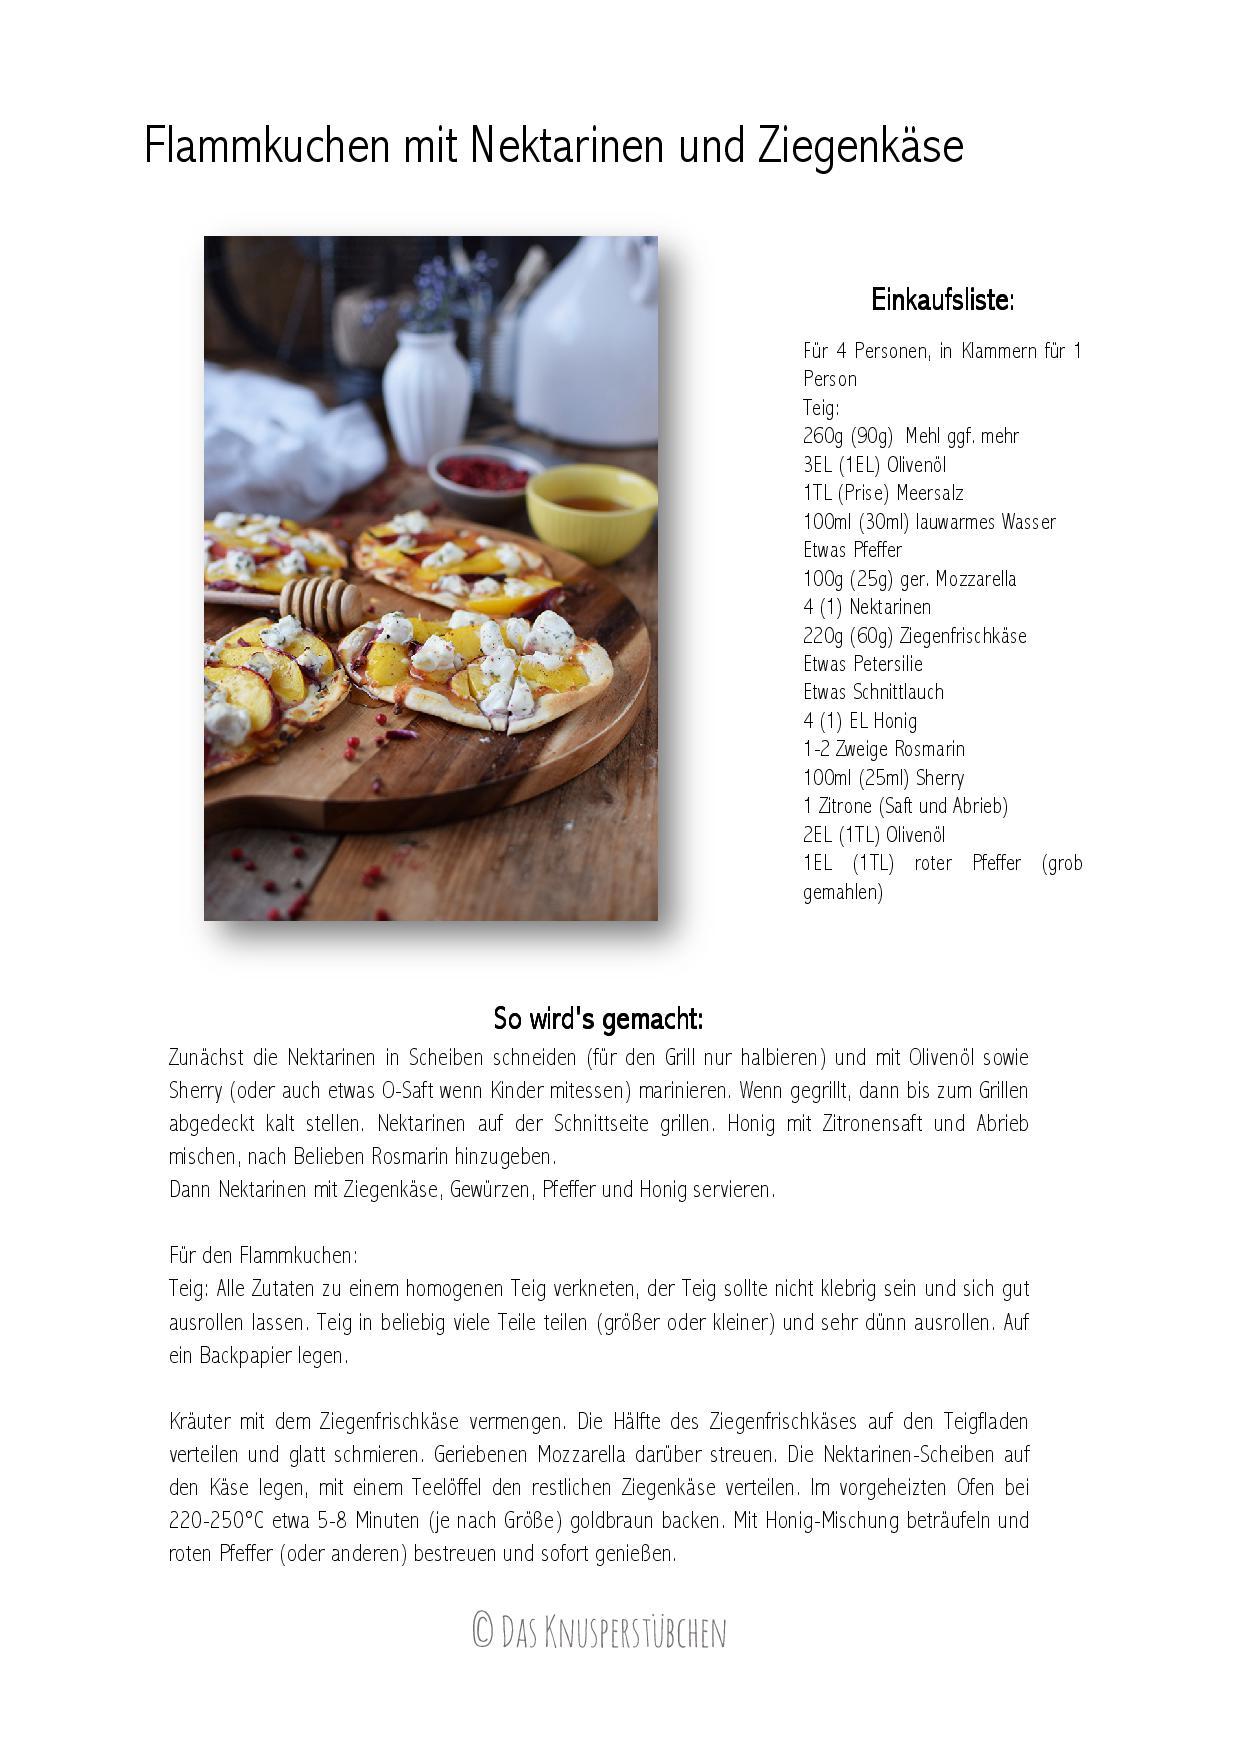 Flammkuchen mit Nektarinen und Ziegenfrischkaese-001